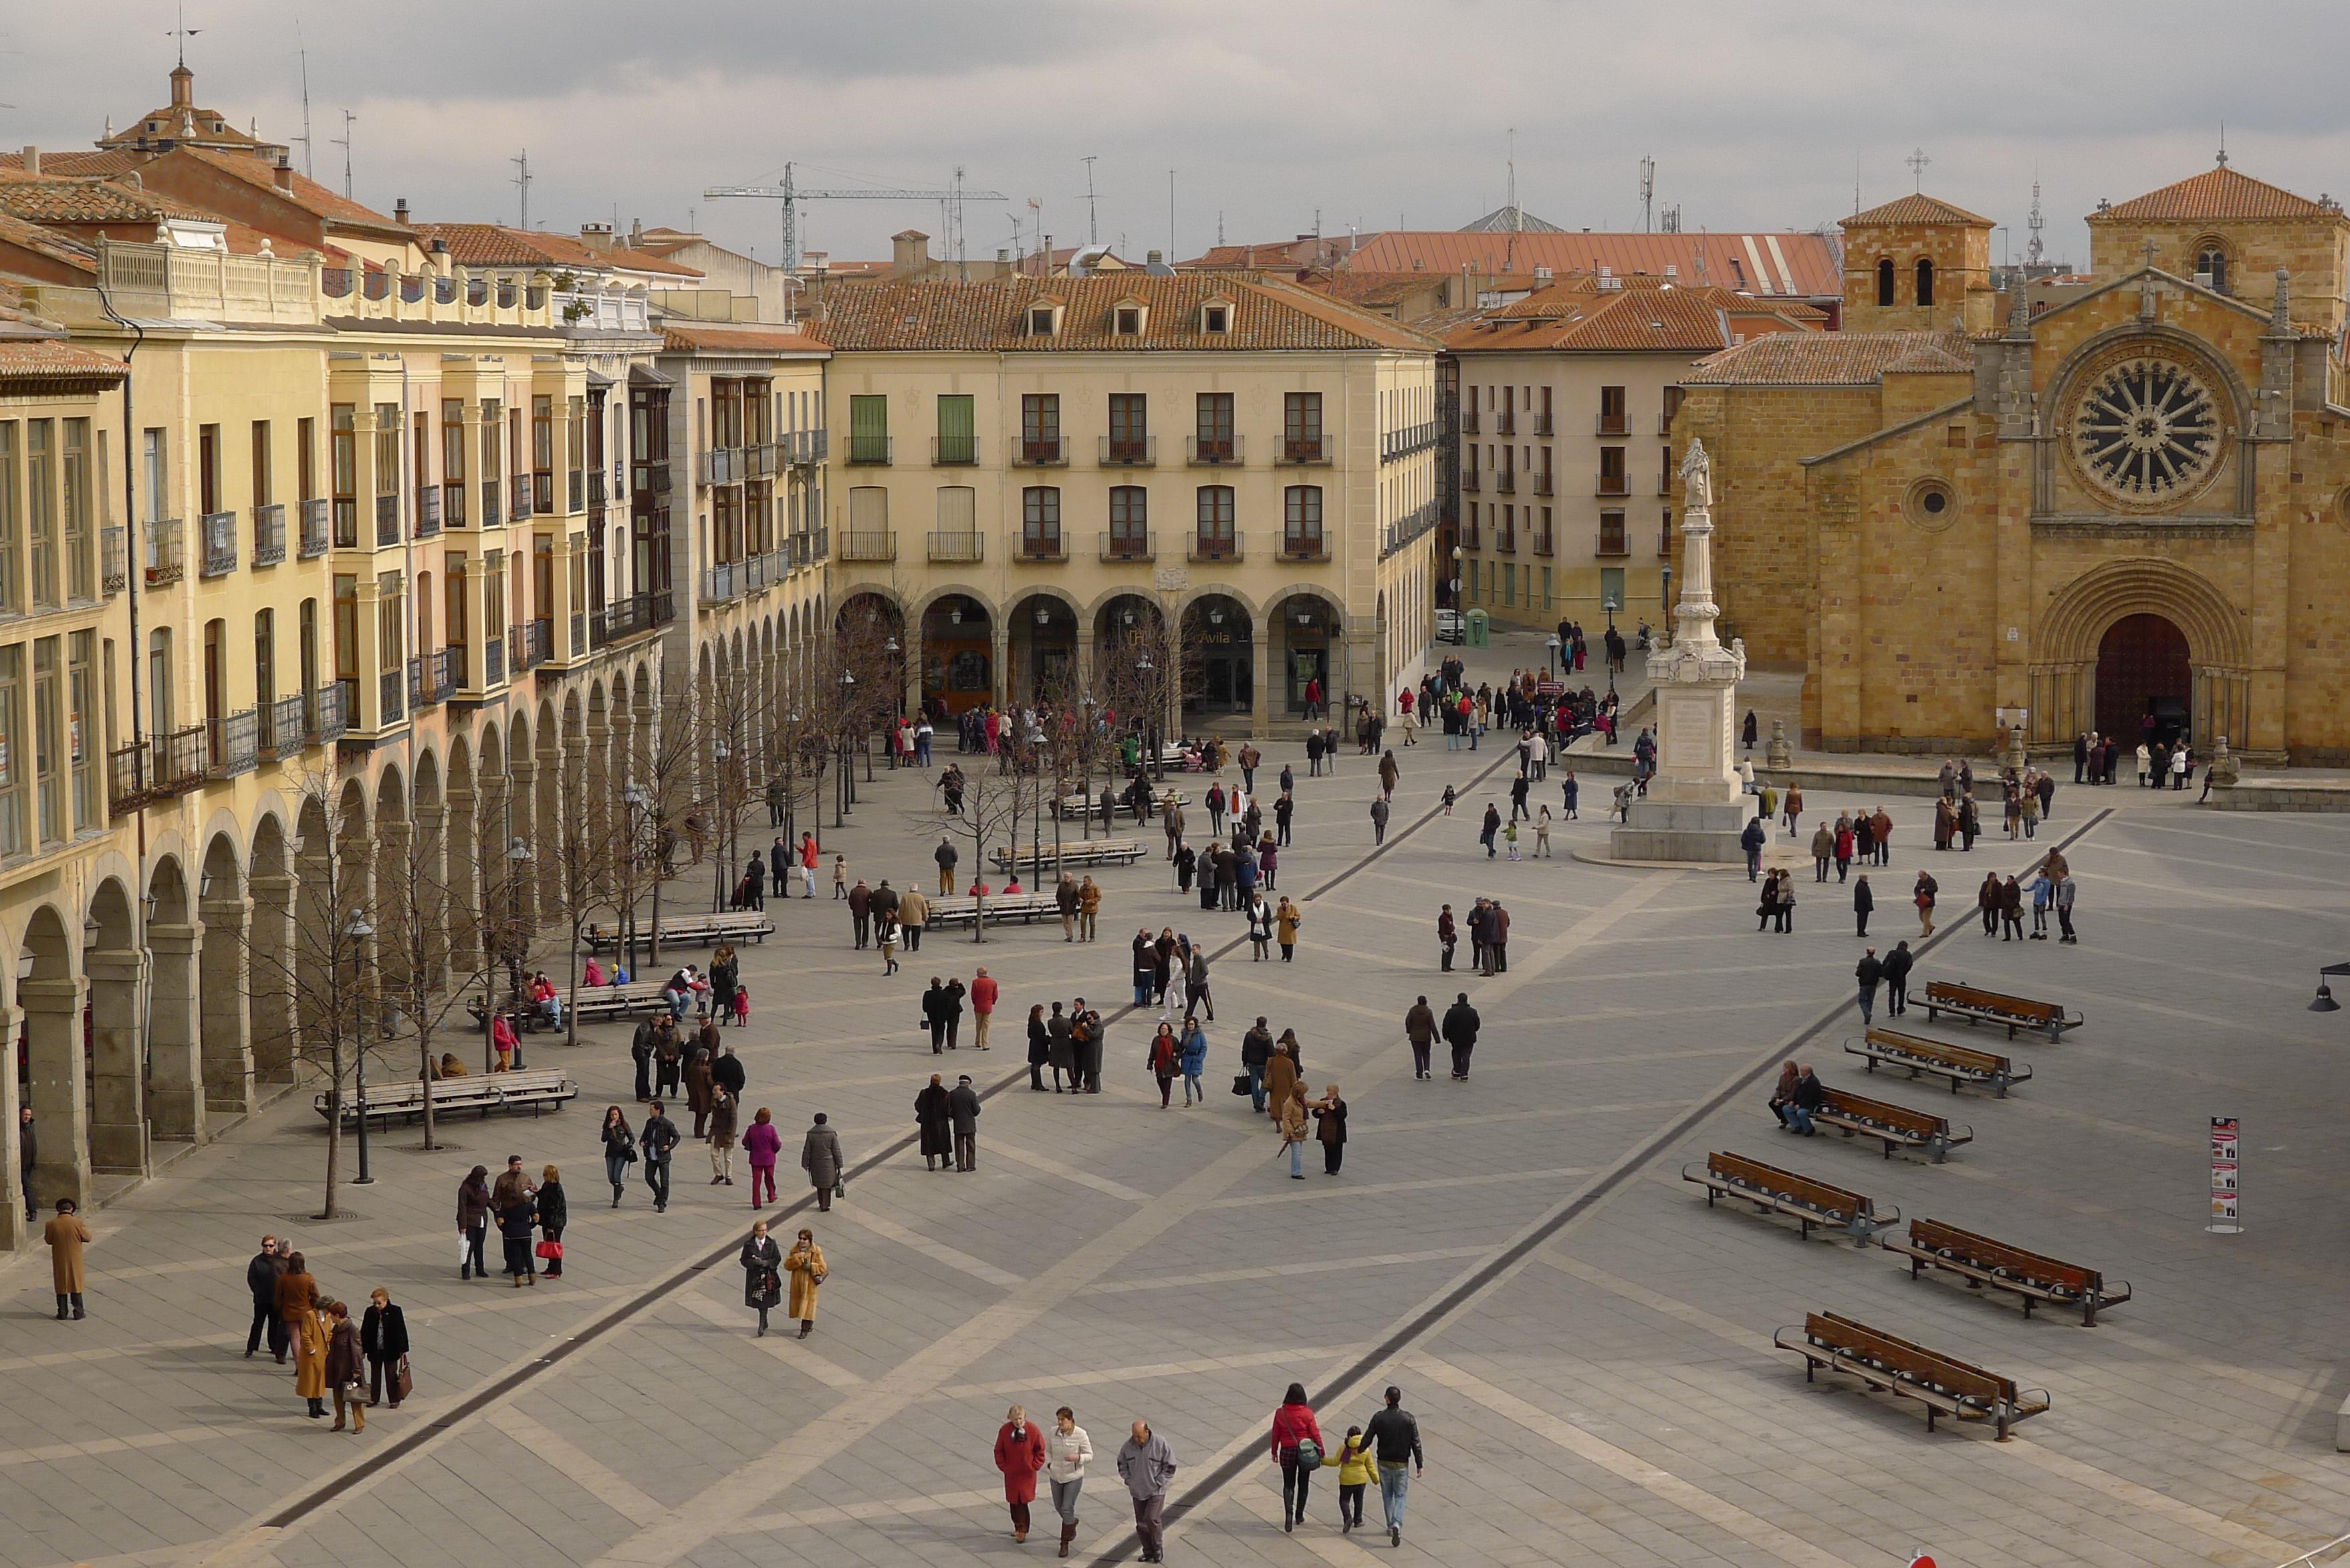 PLAZAS DEL MUNDO - Página 3 Plaza_del_Mercado_Grande,_%C3%81vila